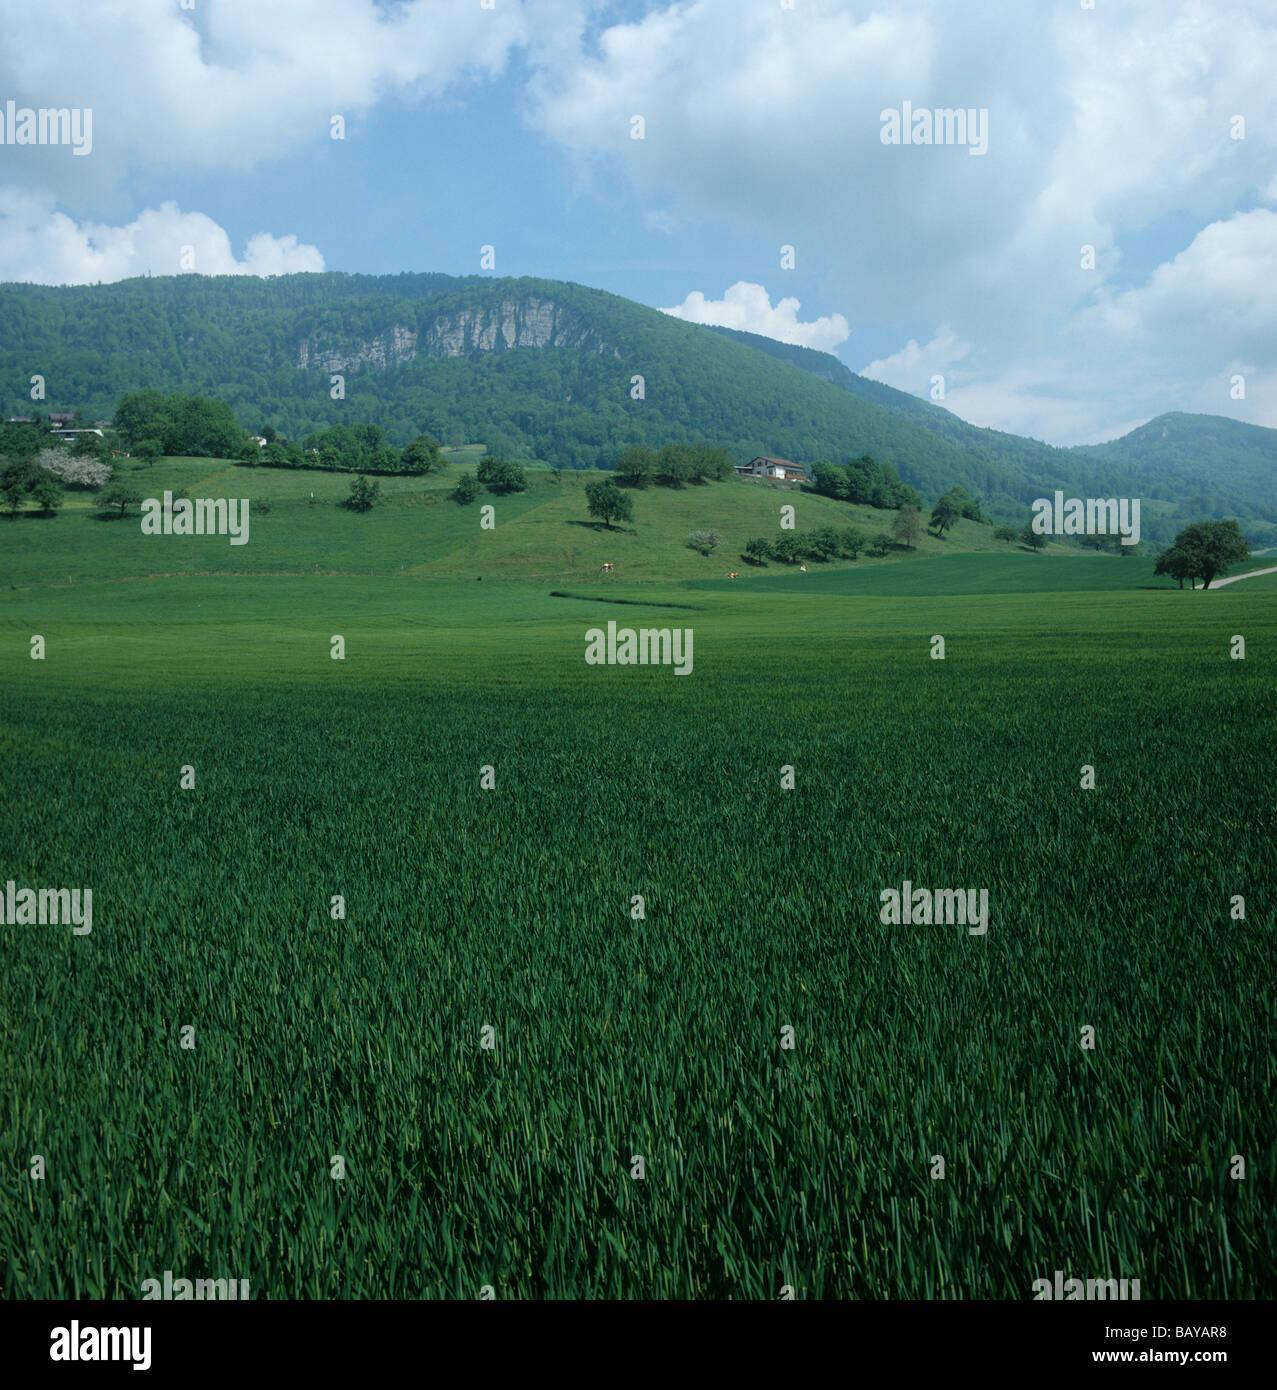 Récolte de blé en la feuille étendard dans les montagnes du Jura région de Suisse Banque D'Images